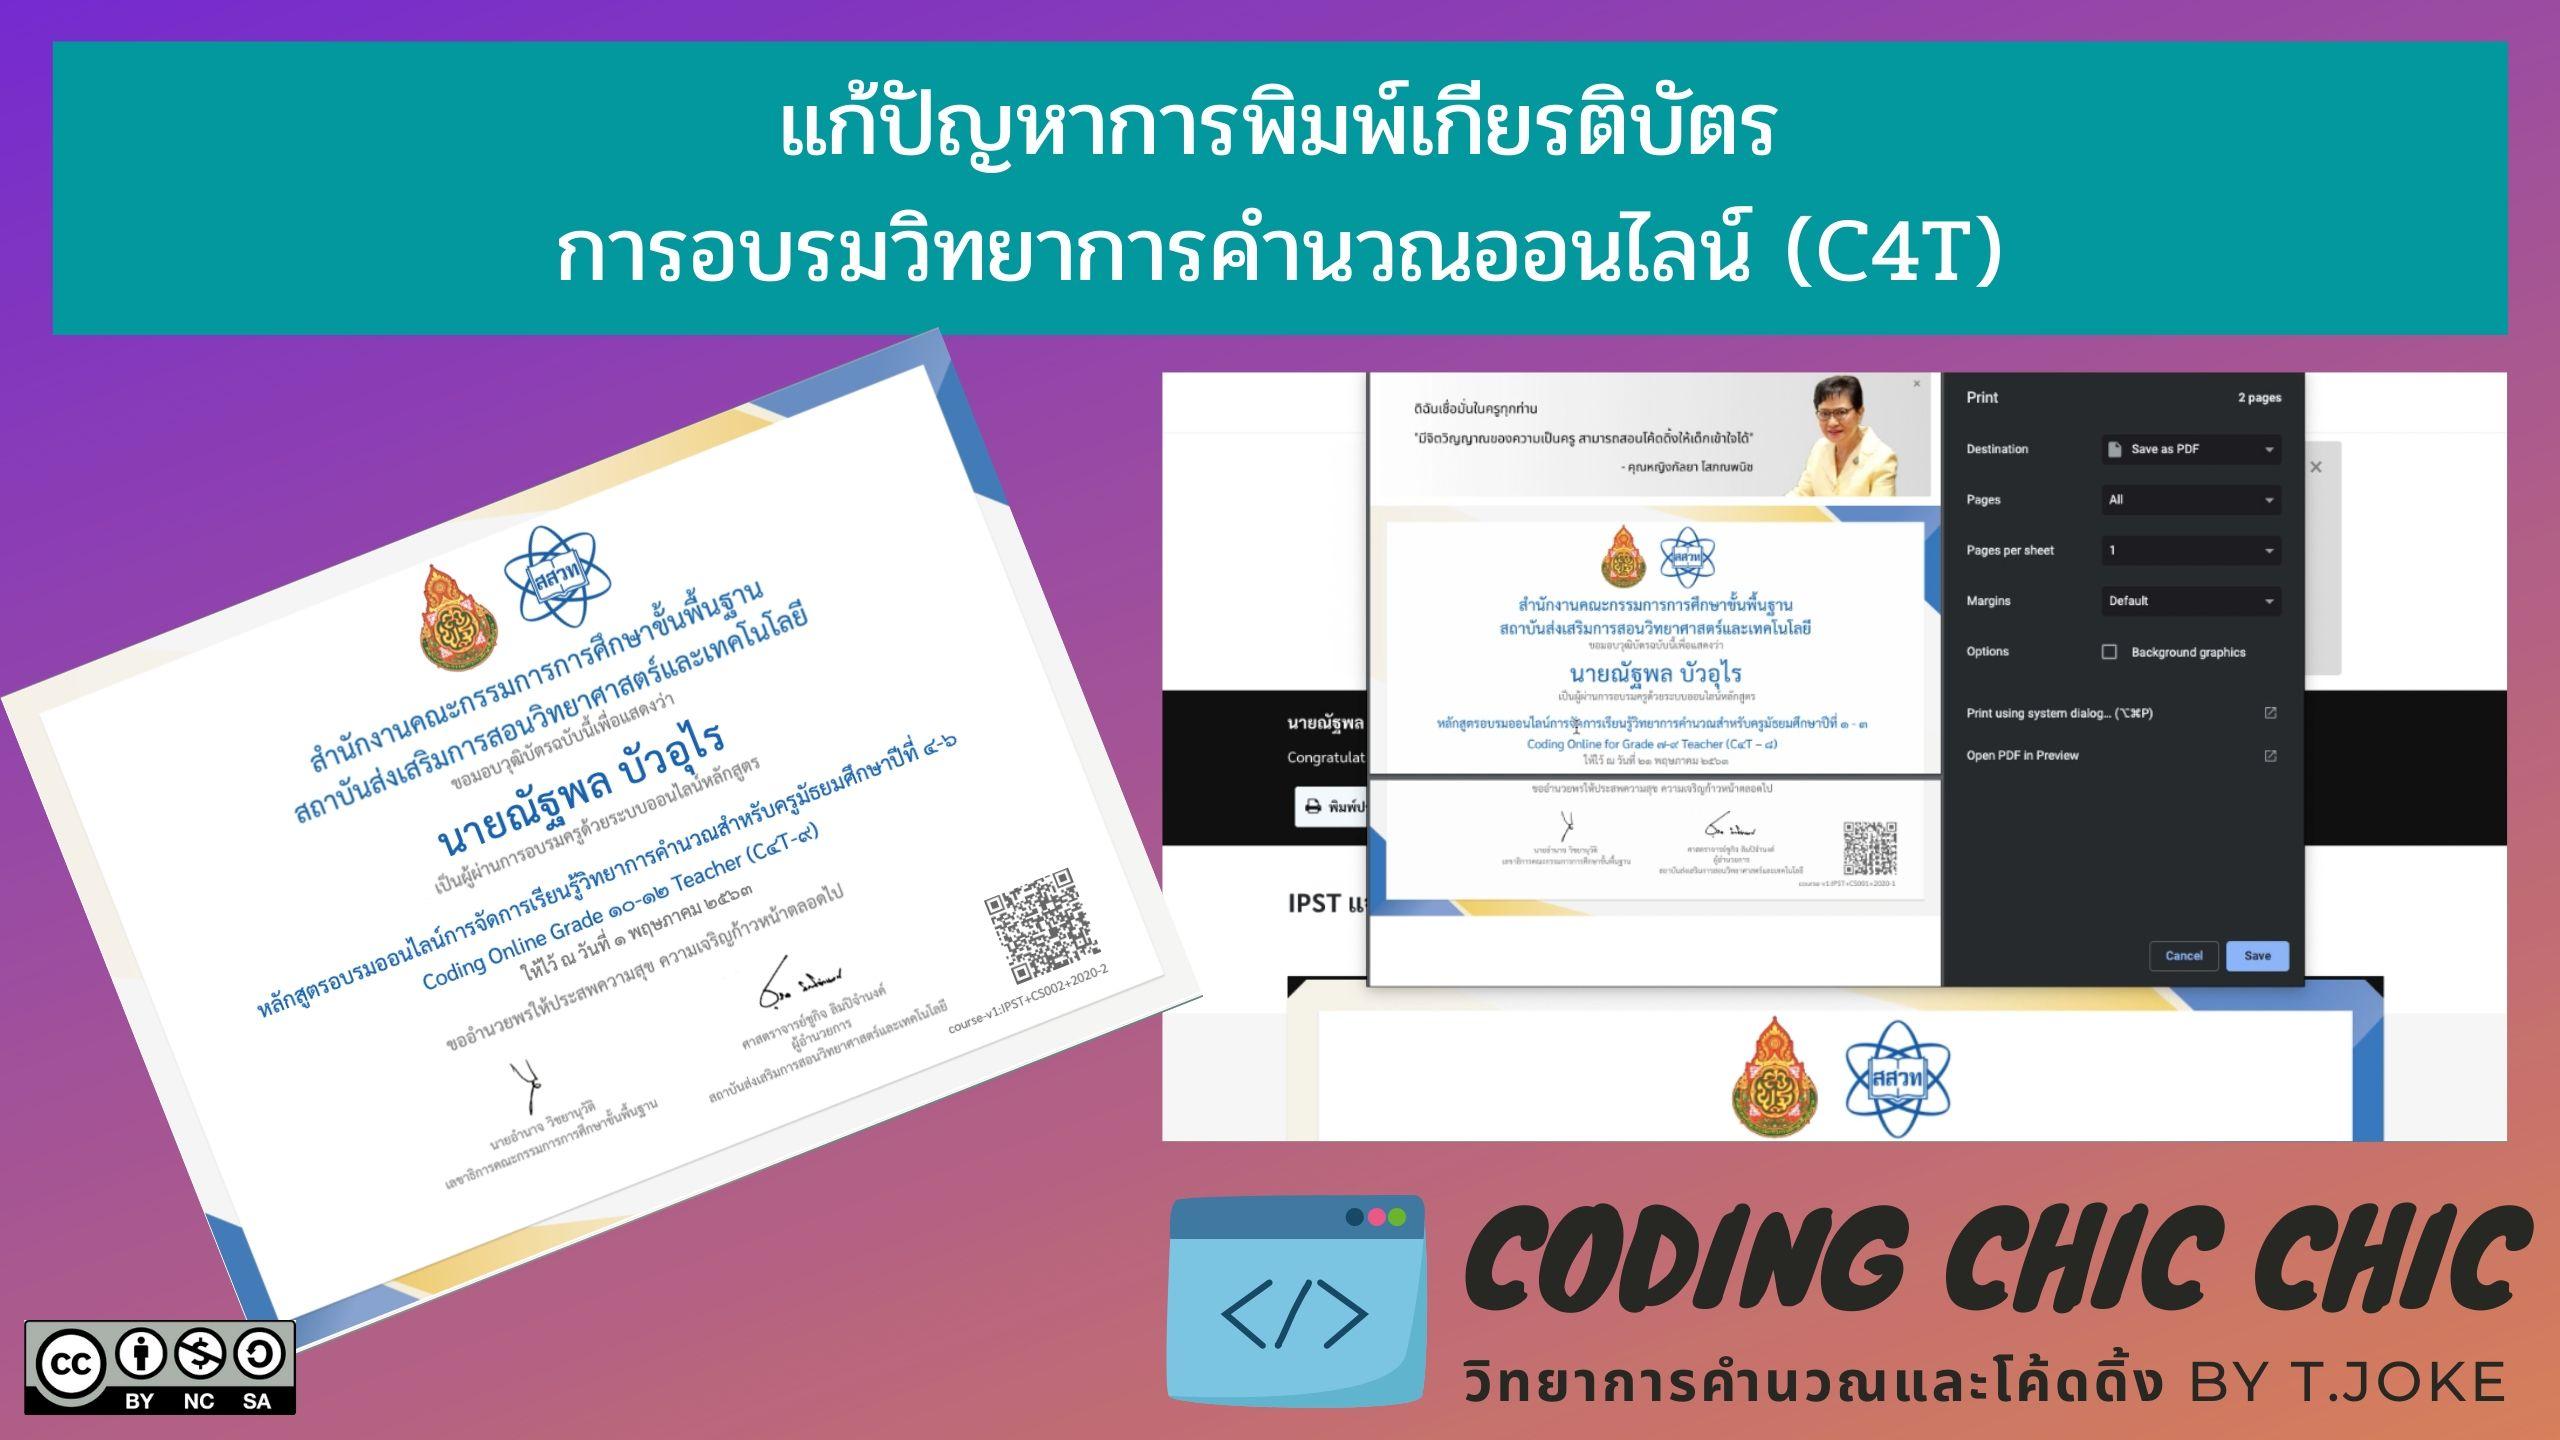 แก้ปัญหาการพิมพ์เกียรติบัตรการอบรมวิทยาการคำนวณออนไลน์ (C4T)